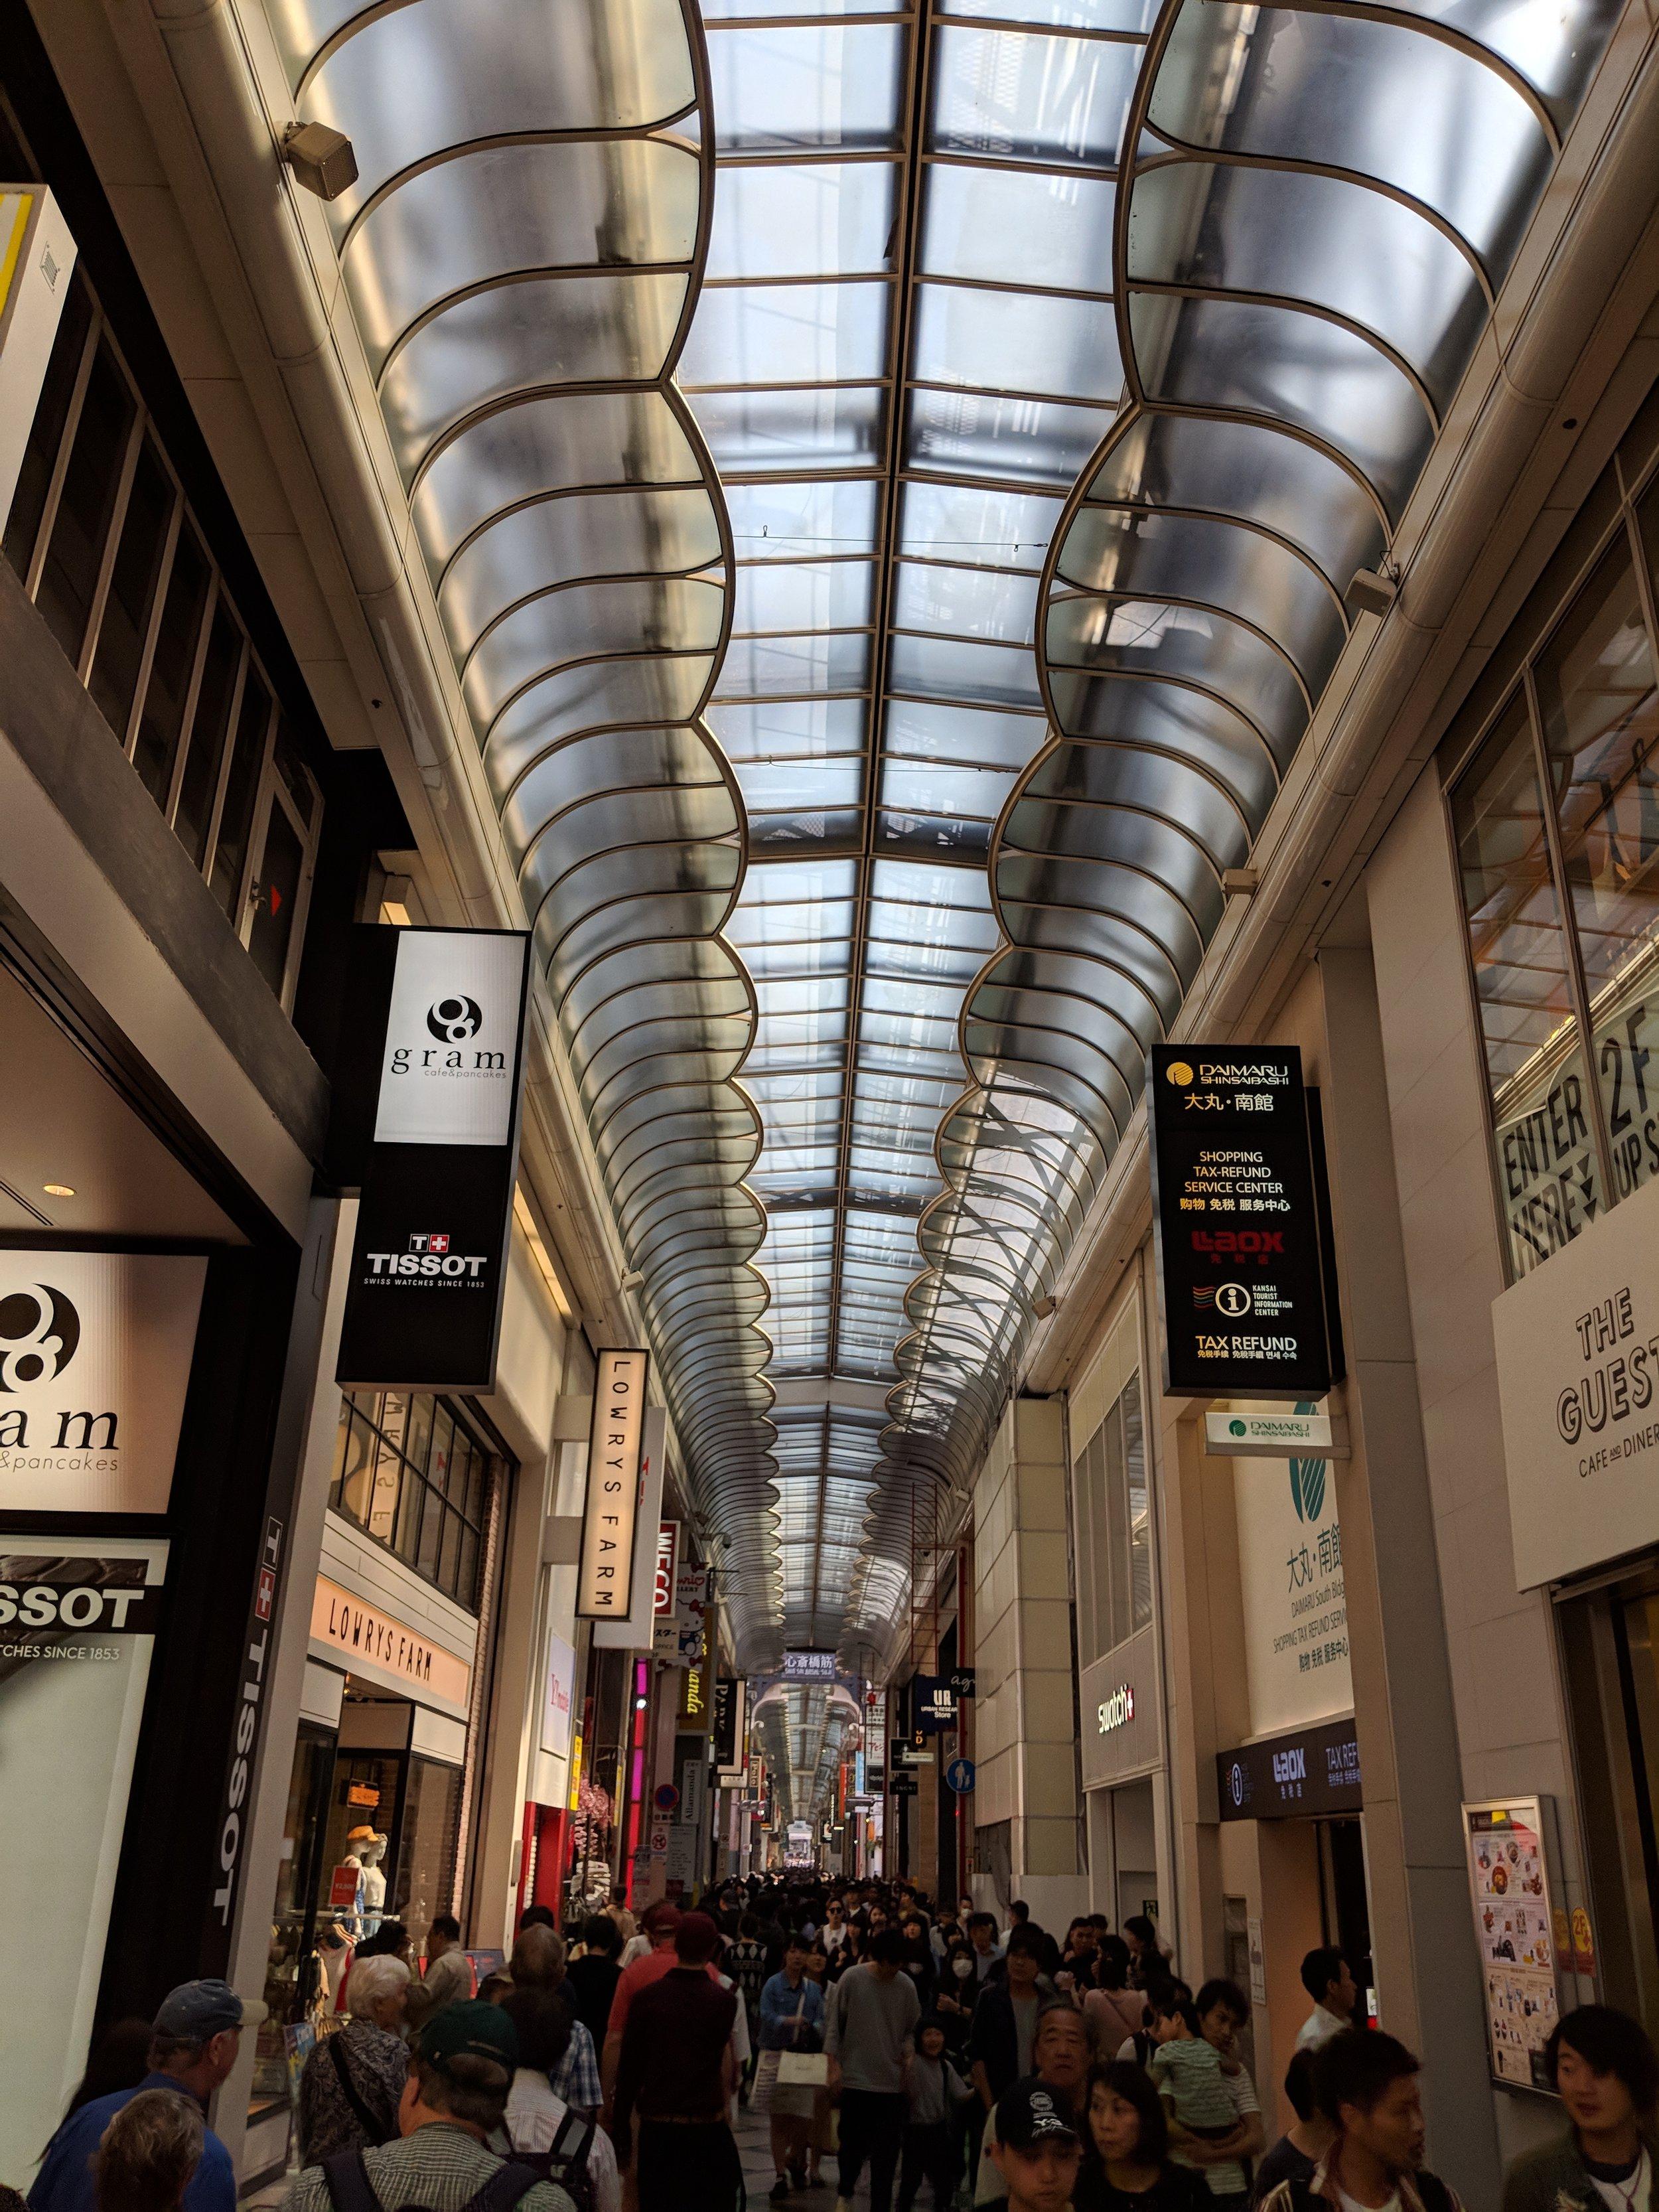 Shinsaibashi shopping district in Osaka